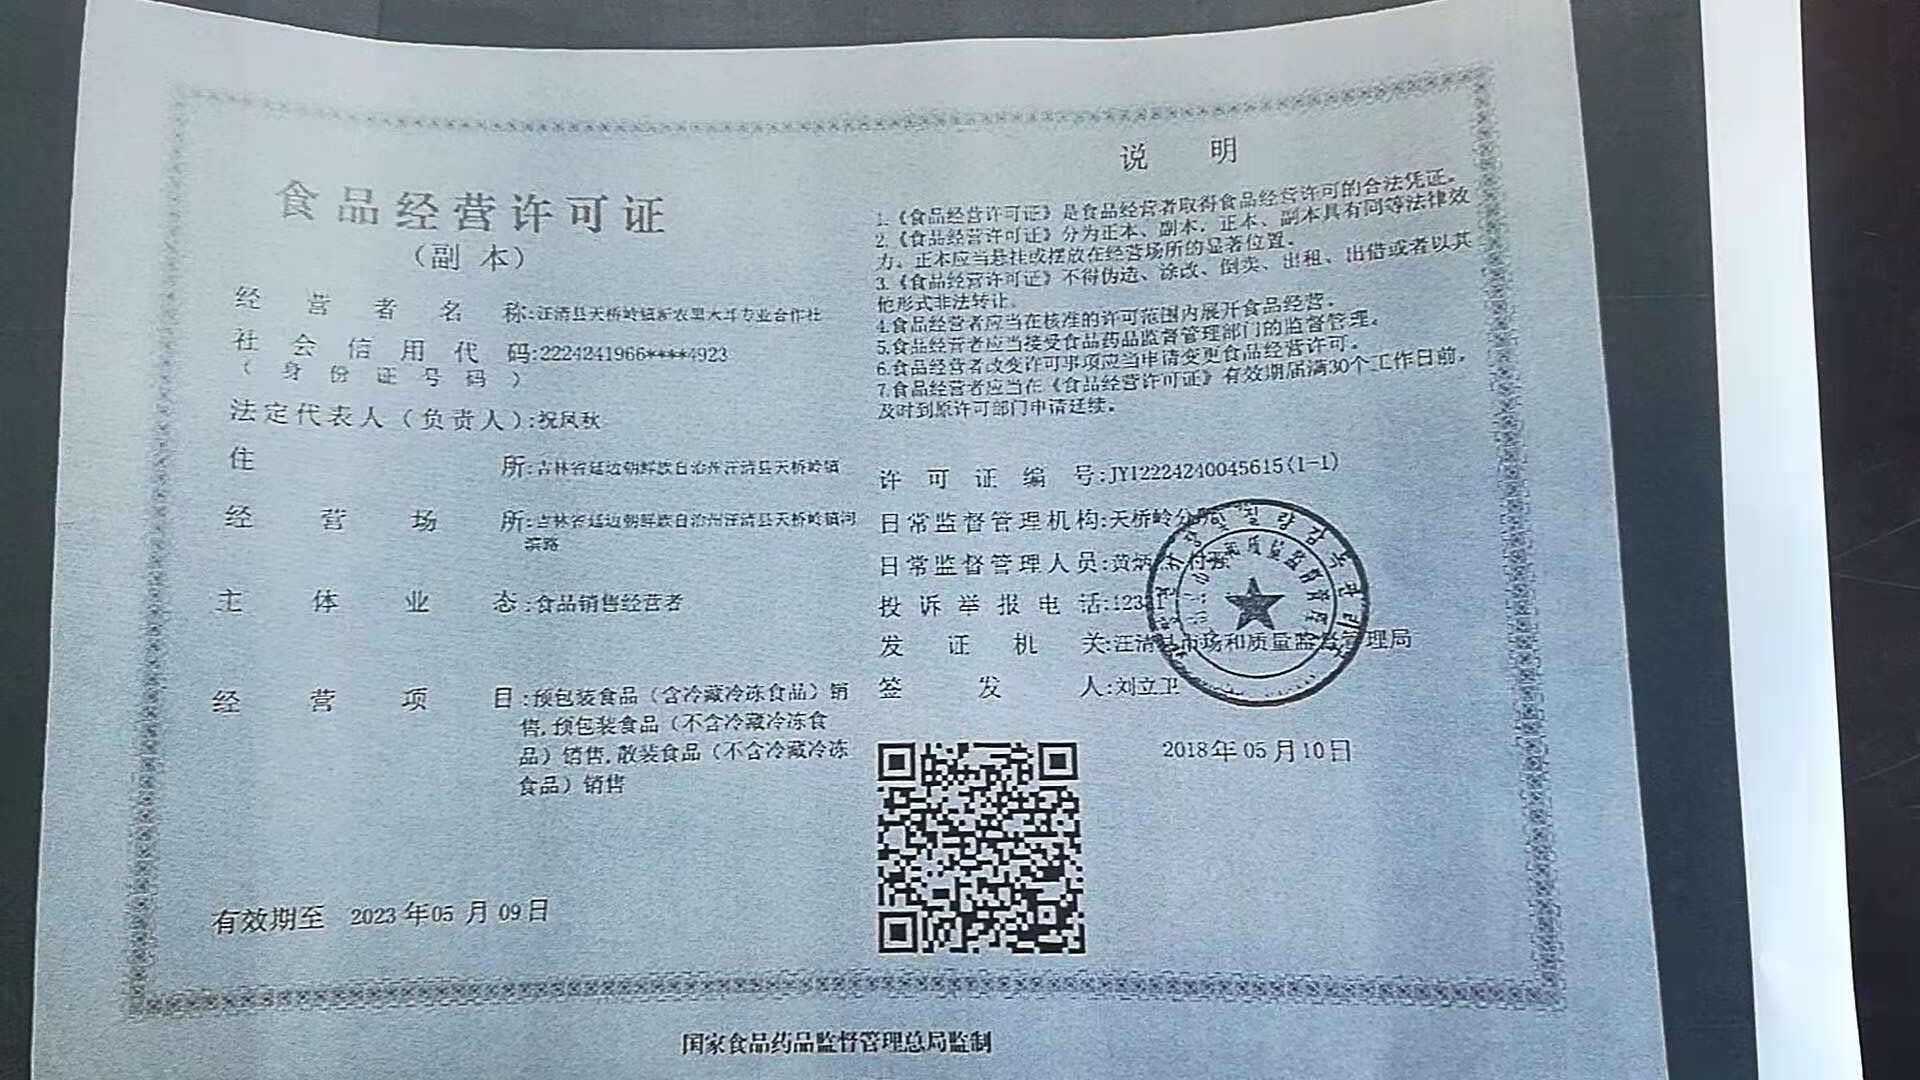 汪清县天桥岭新农黑木耳专业合作社